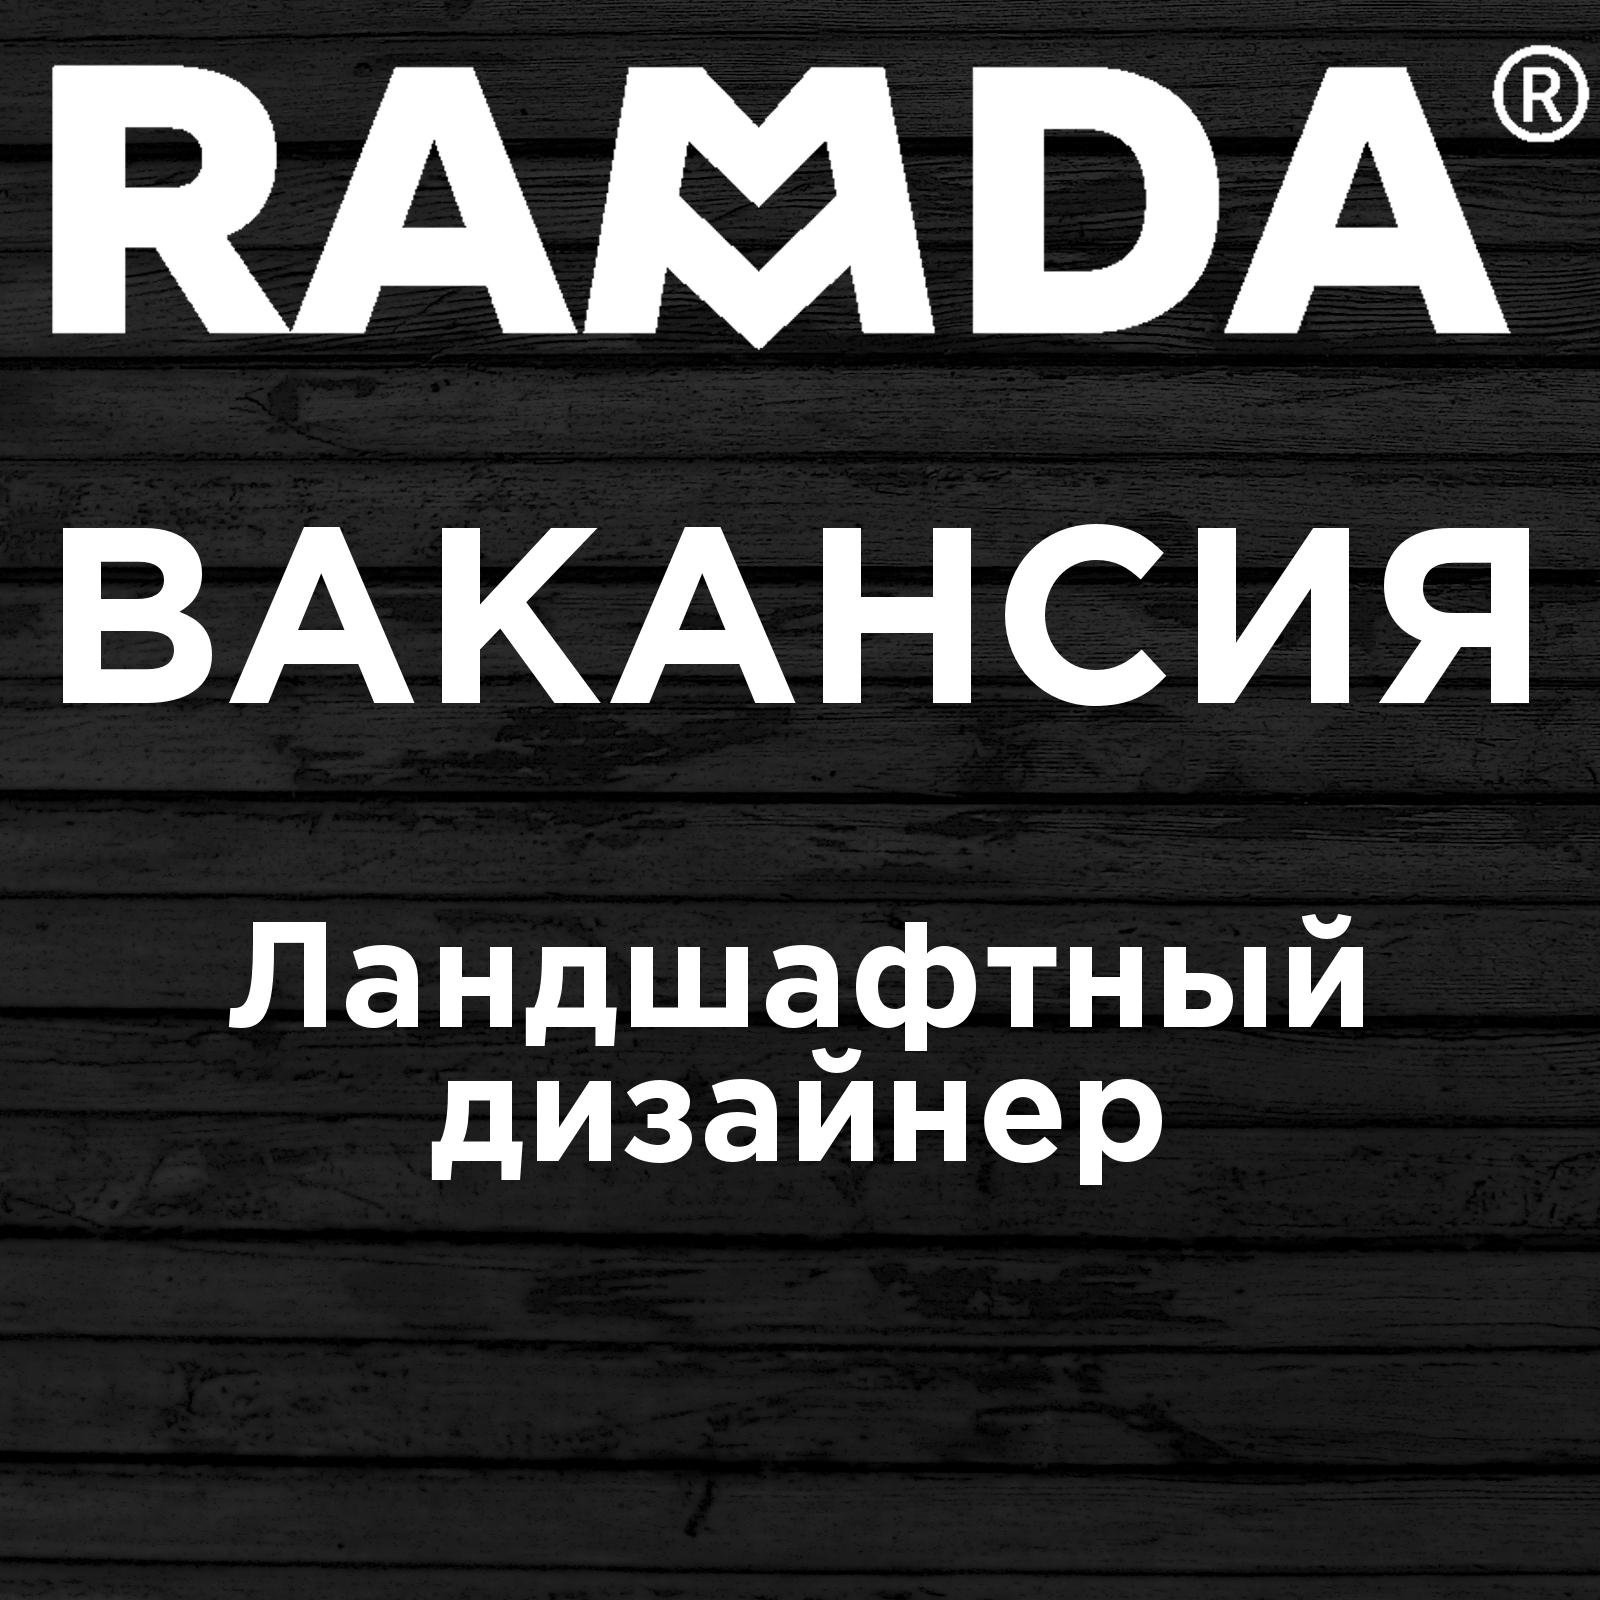 Вакансия ландшафтный дизайнер в Новосибирске от RAMDA